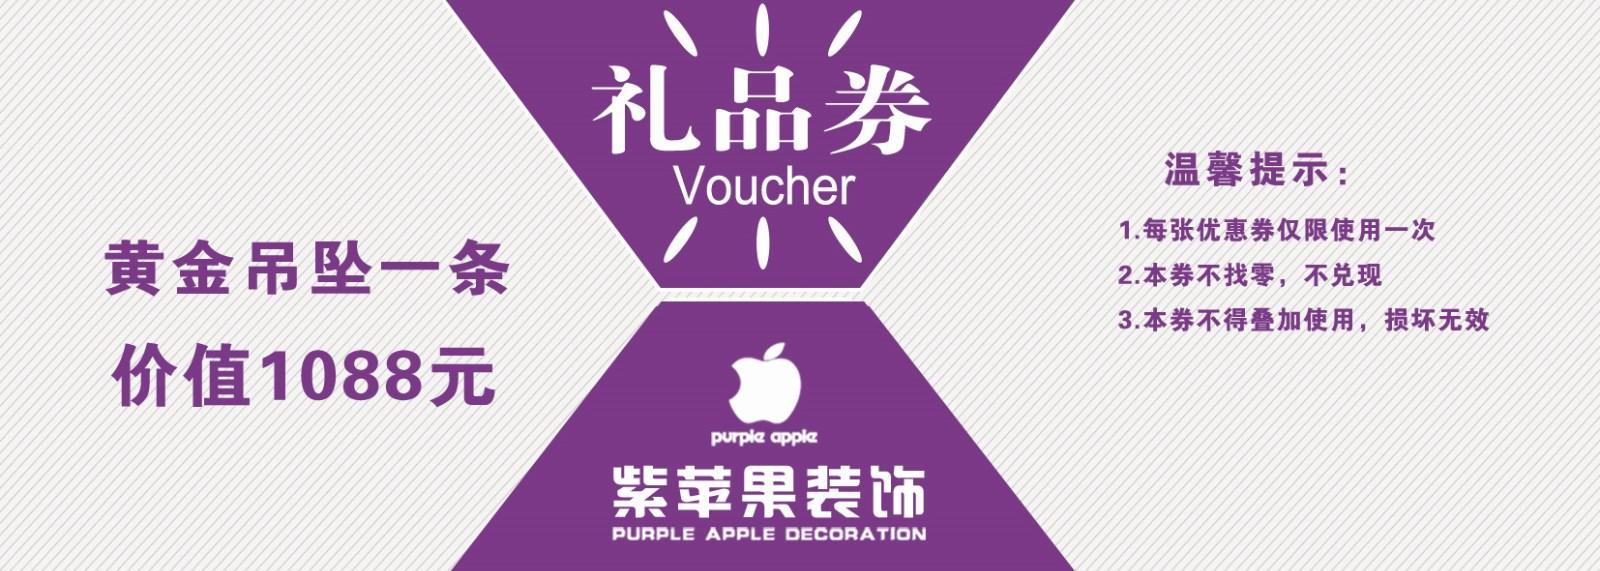 紫苹果装饰懂爱更懂家24小时咨询热线:18119413603